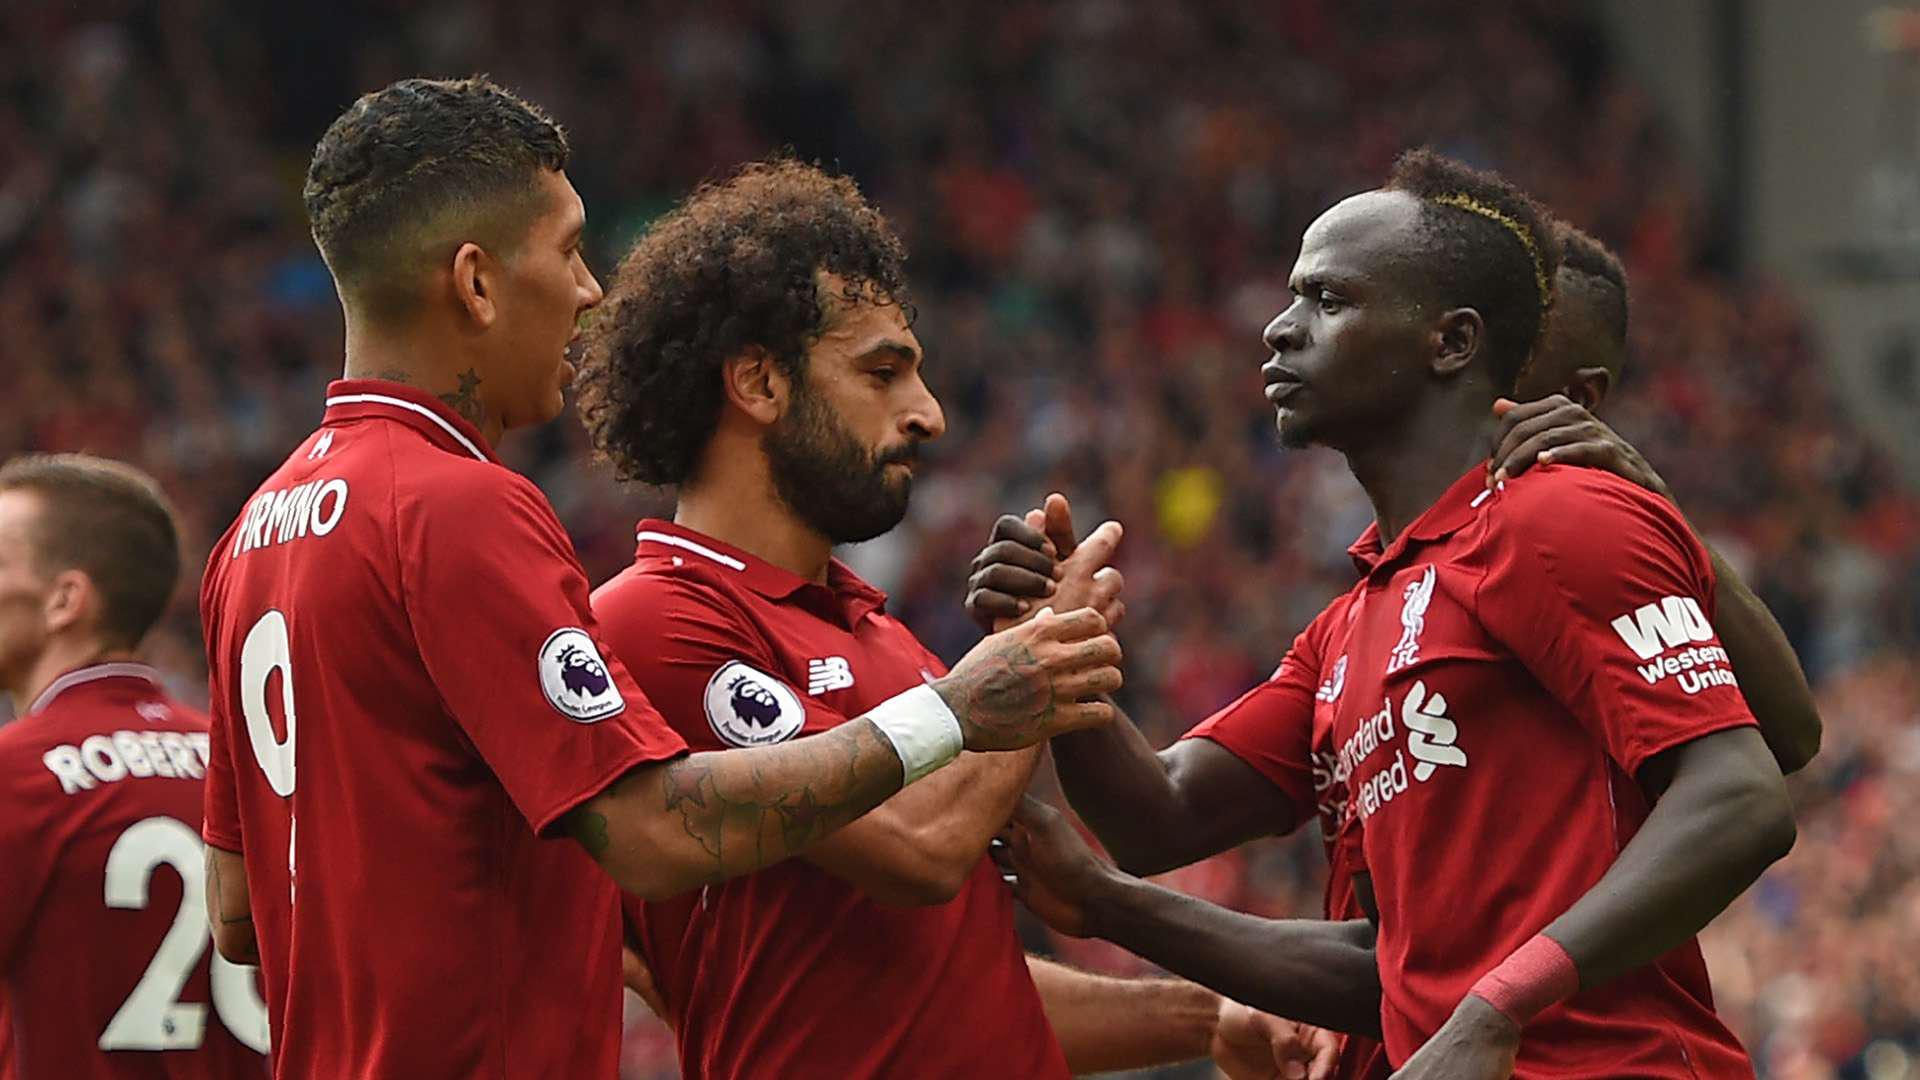 Bộ ba tấn công Firmino - Salah - Mane hứa hẹn gây ra nhiều khó khăn cho hàng thủ Arsenal.